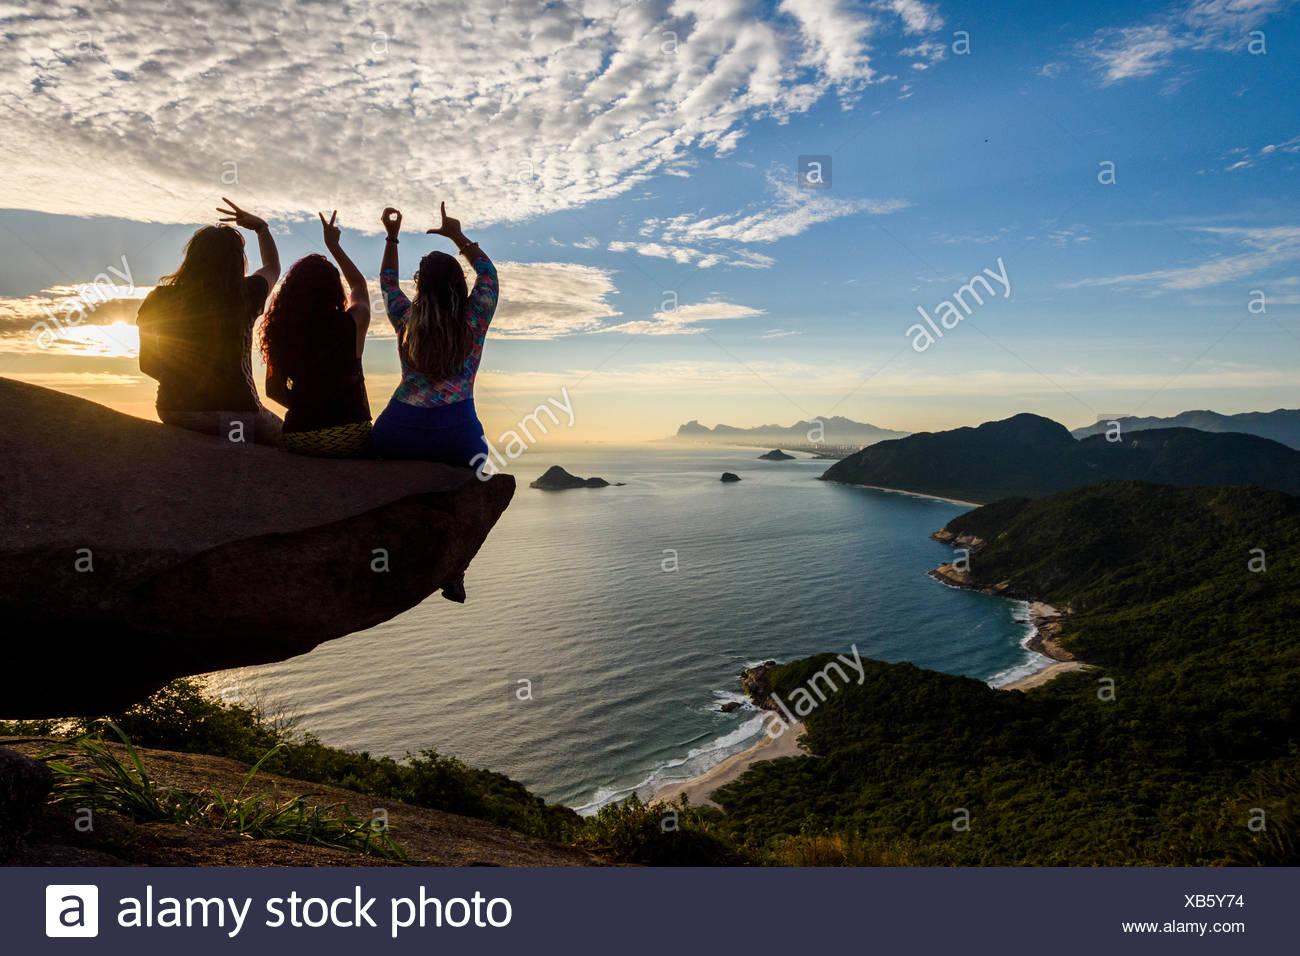 La mujer en el borde de la montaña en Pedra do Telégrafo deletrear el amor con sus dedos, Río de Janeiro, Brasil Imagen De Stock